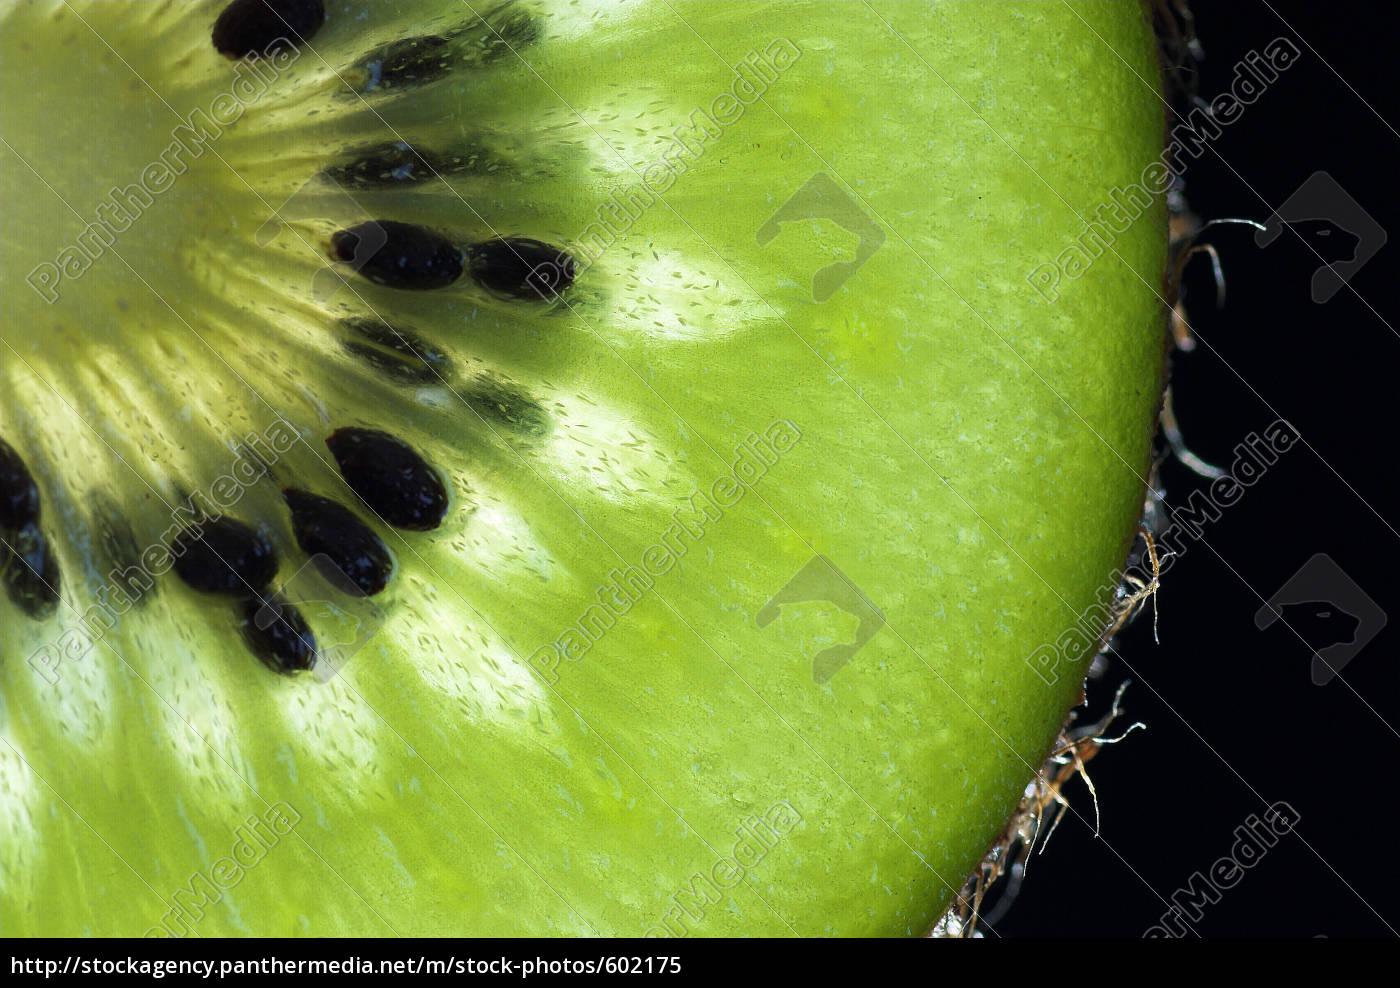 kiwi - 602175